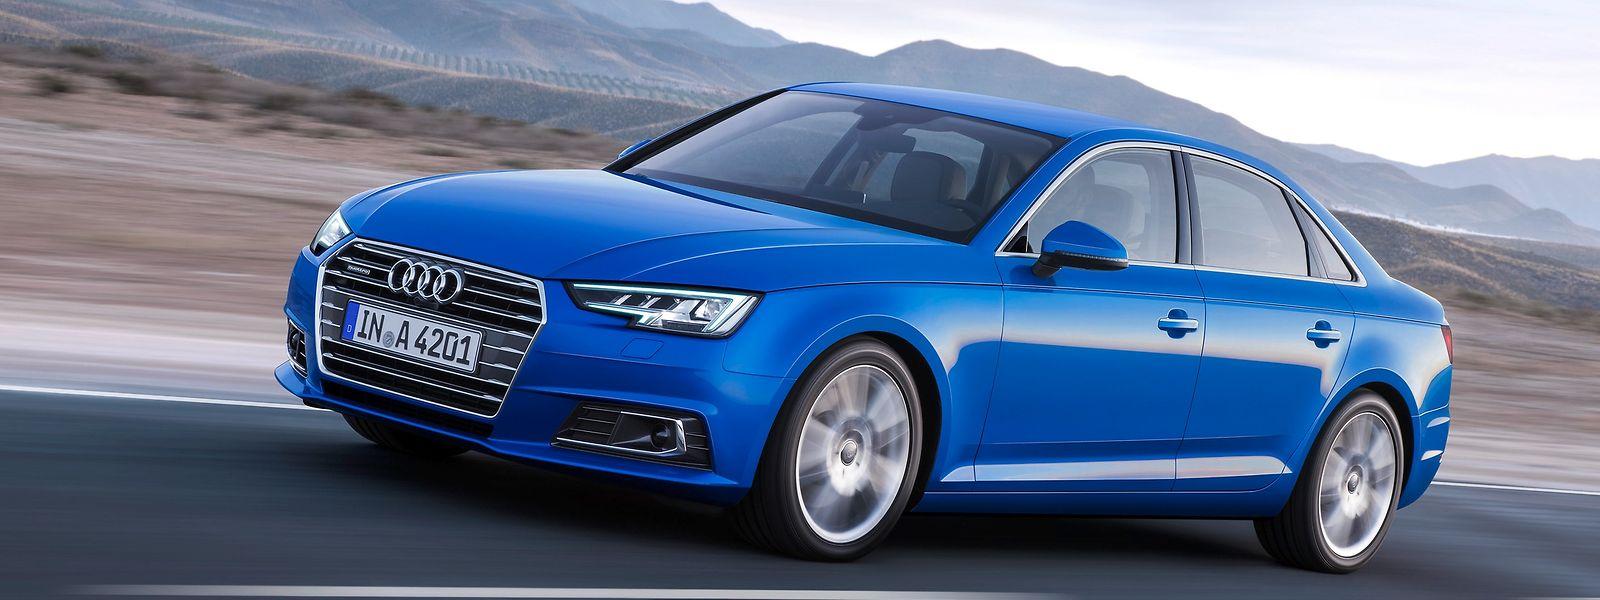 Der neue Audi A4.